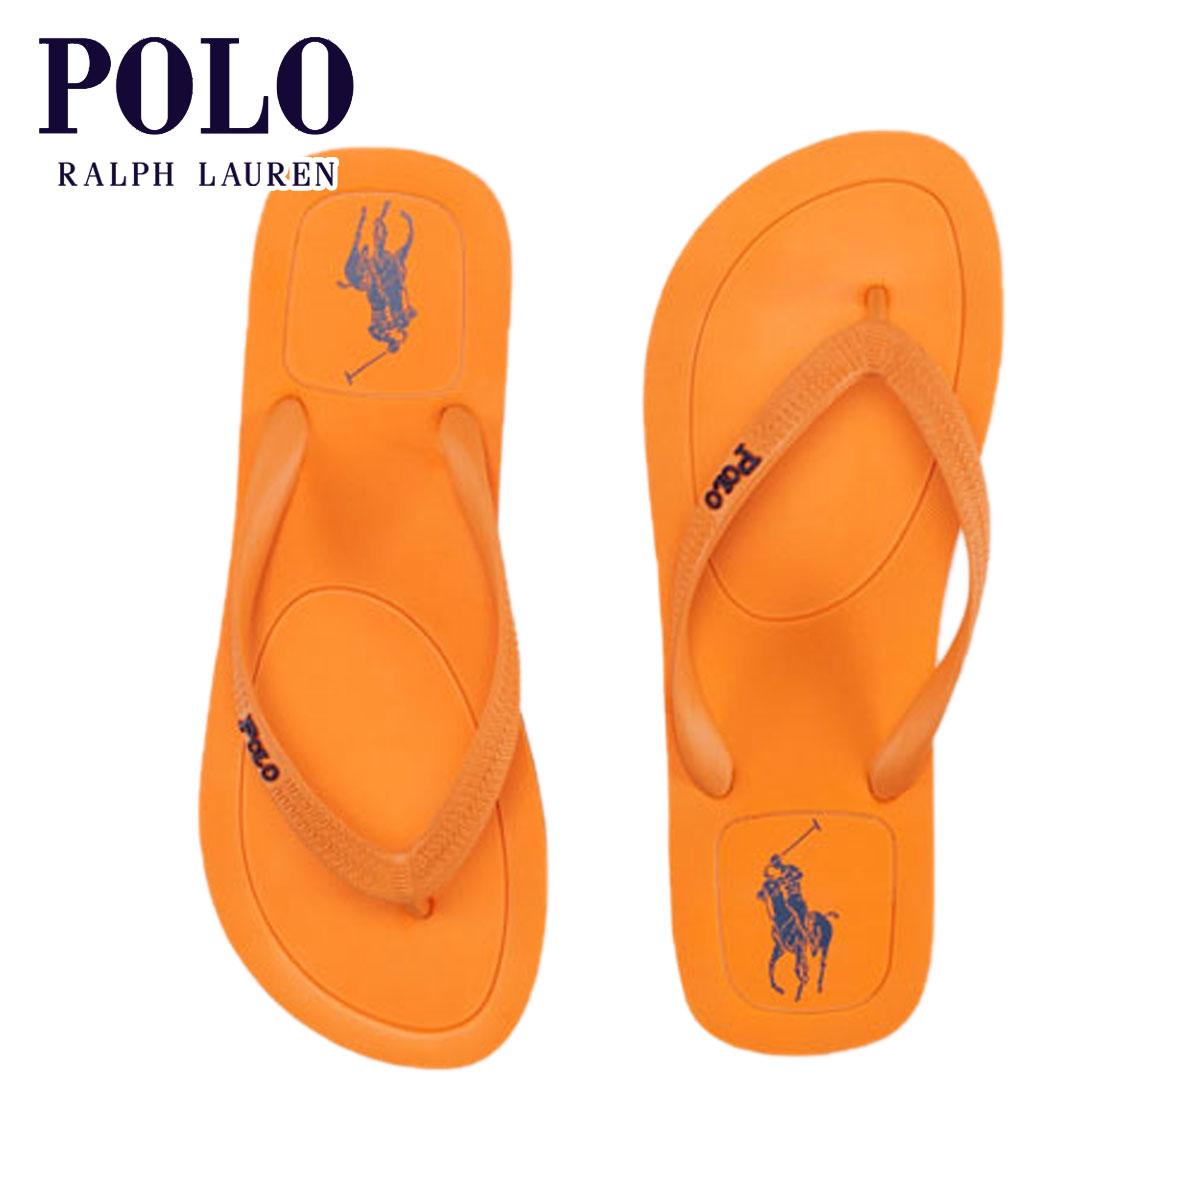 7f8d532cc Polo Ralph Lauren POLO RALPH LAUREN regular article sandals HALESOWEN FLIP- FLOP D20S30